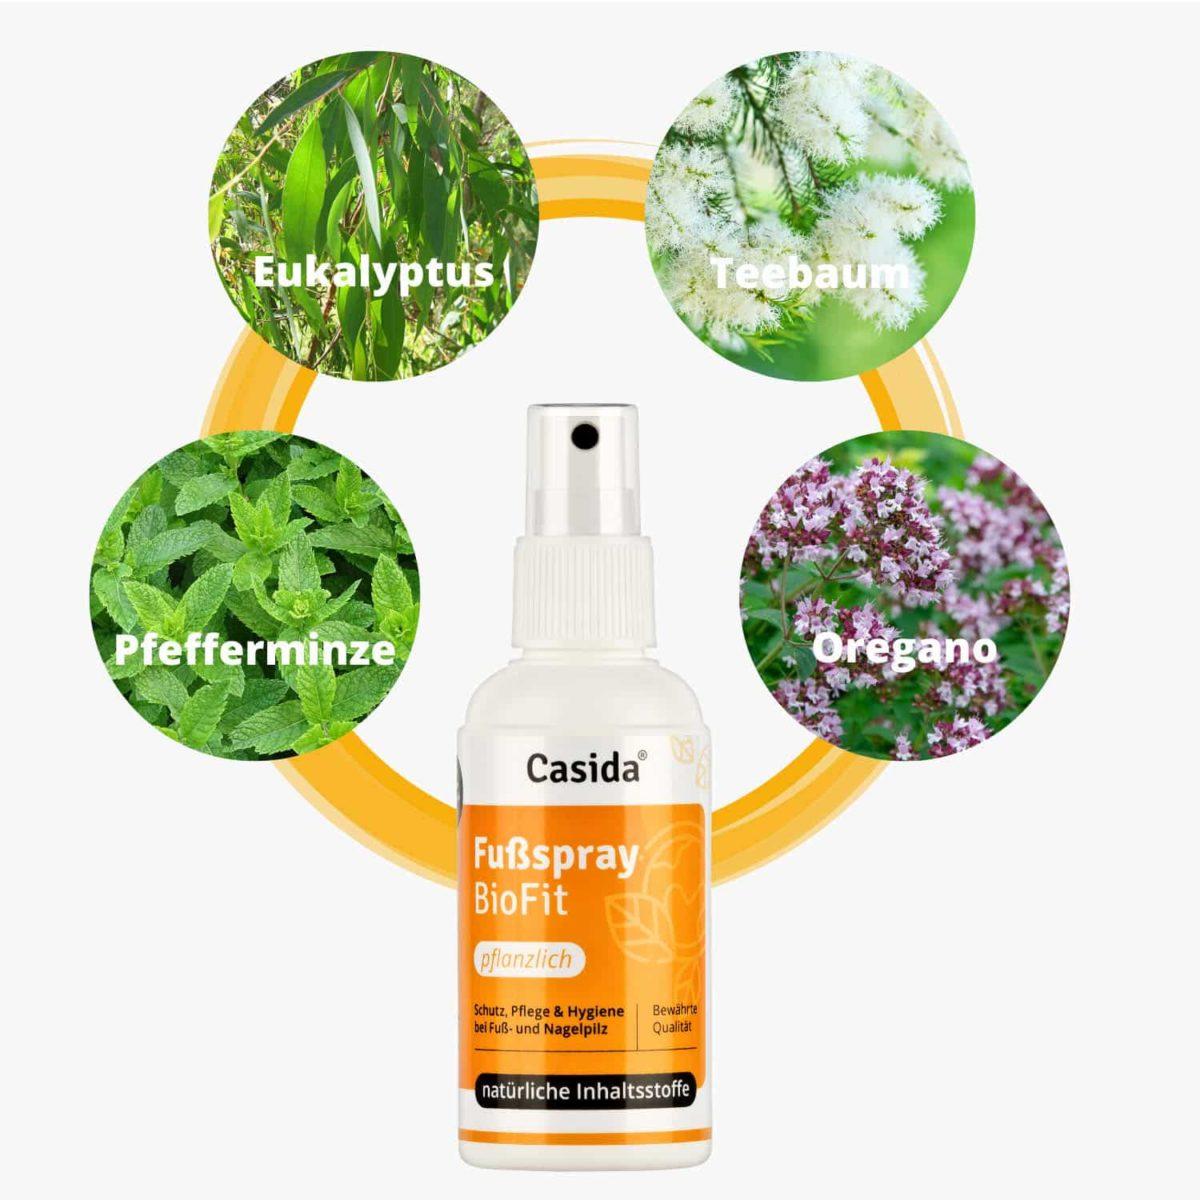 Casida Set Apotheke Nagelöl Fußspray Rabatt Bundle PZN 10022445 10751322 Nagelpilz pflanzlich Natürlich Gesundheitsprodukte2